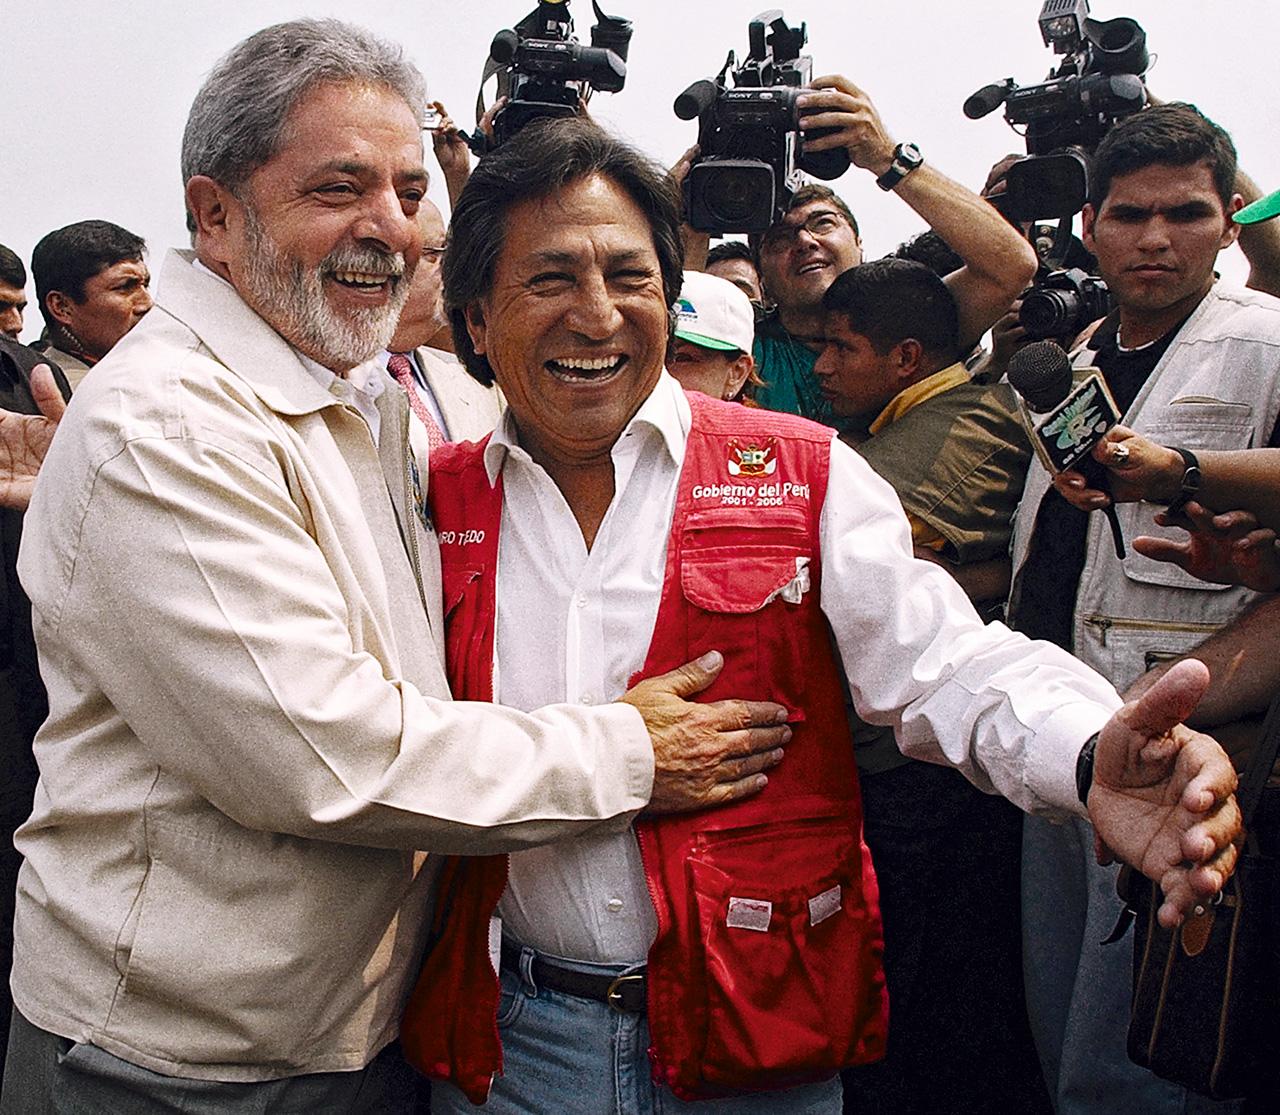 A fines de 2005, Lula y Toledo se reunieron para inaugurar un tramo de la Interoceánica, que comunicaría a Brasil con el Pacífico. Presupuestada en 800 millones de dólares y capitaneada por Odebrecht, la carretera terminaría costando 2,3 mil millones al Tesoro peruano